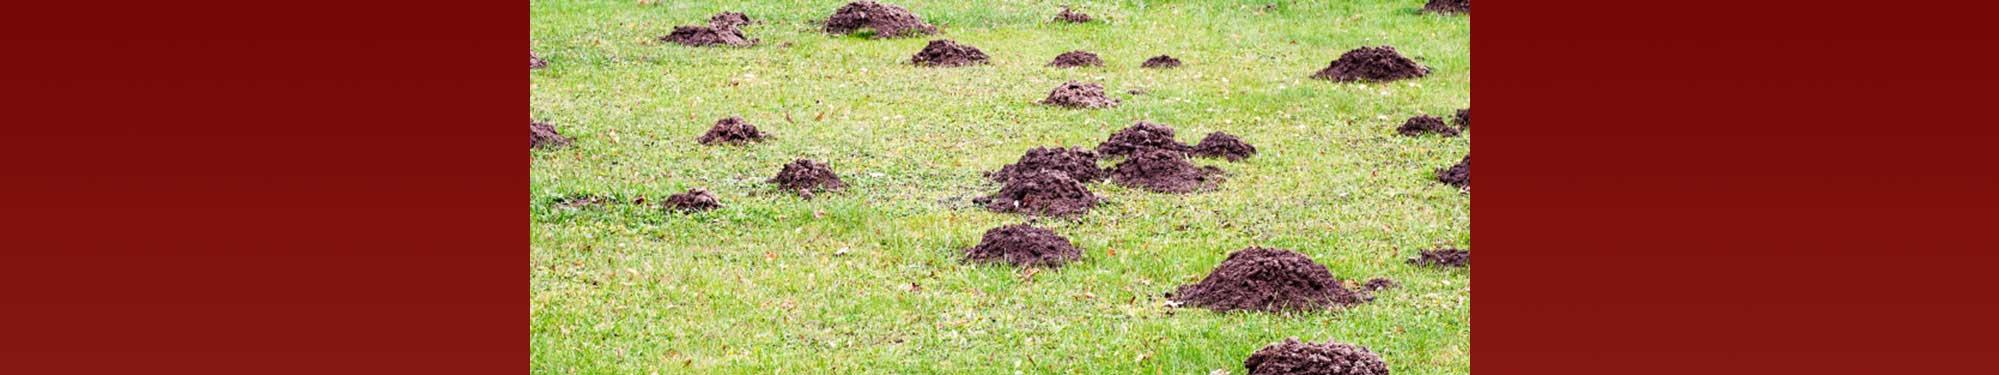 Muldvarpeskud - professionel bekæmpelse af muldvarper